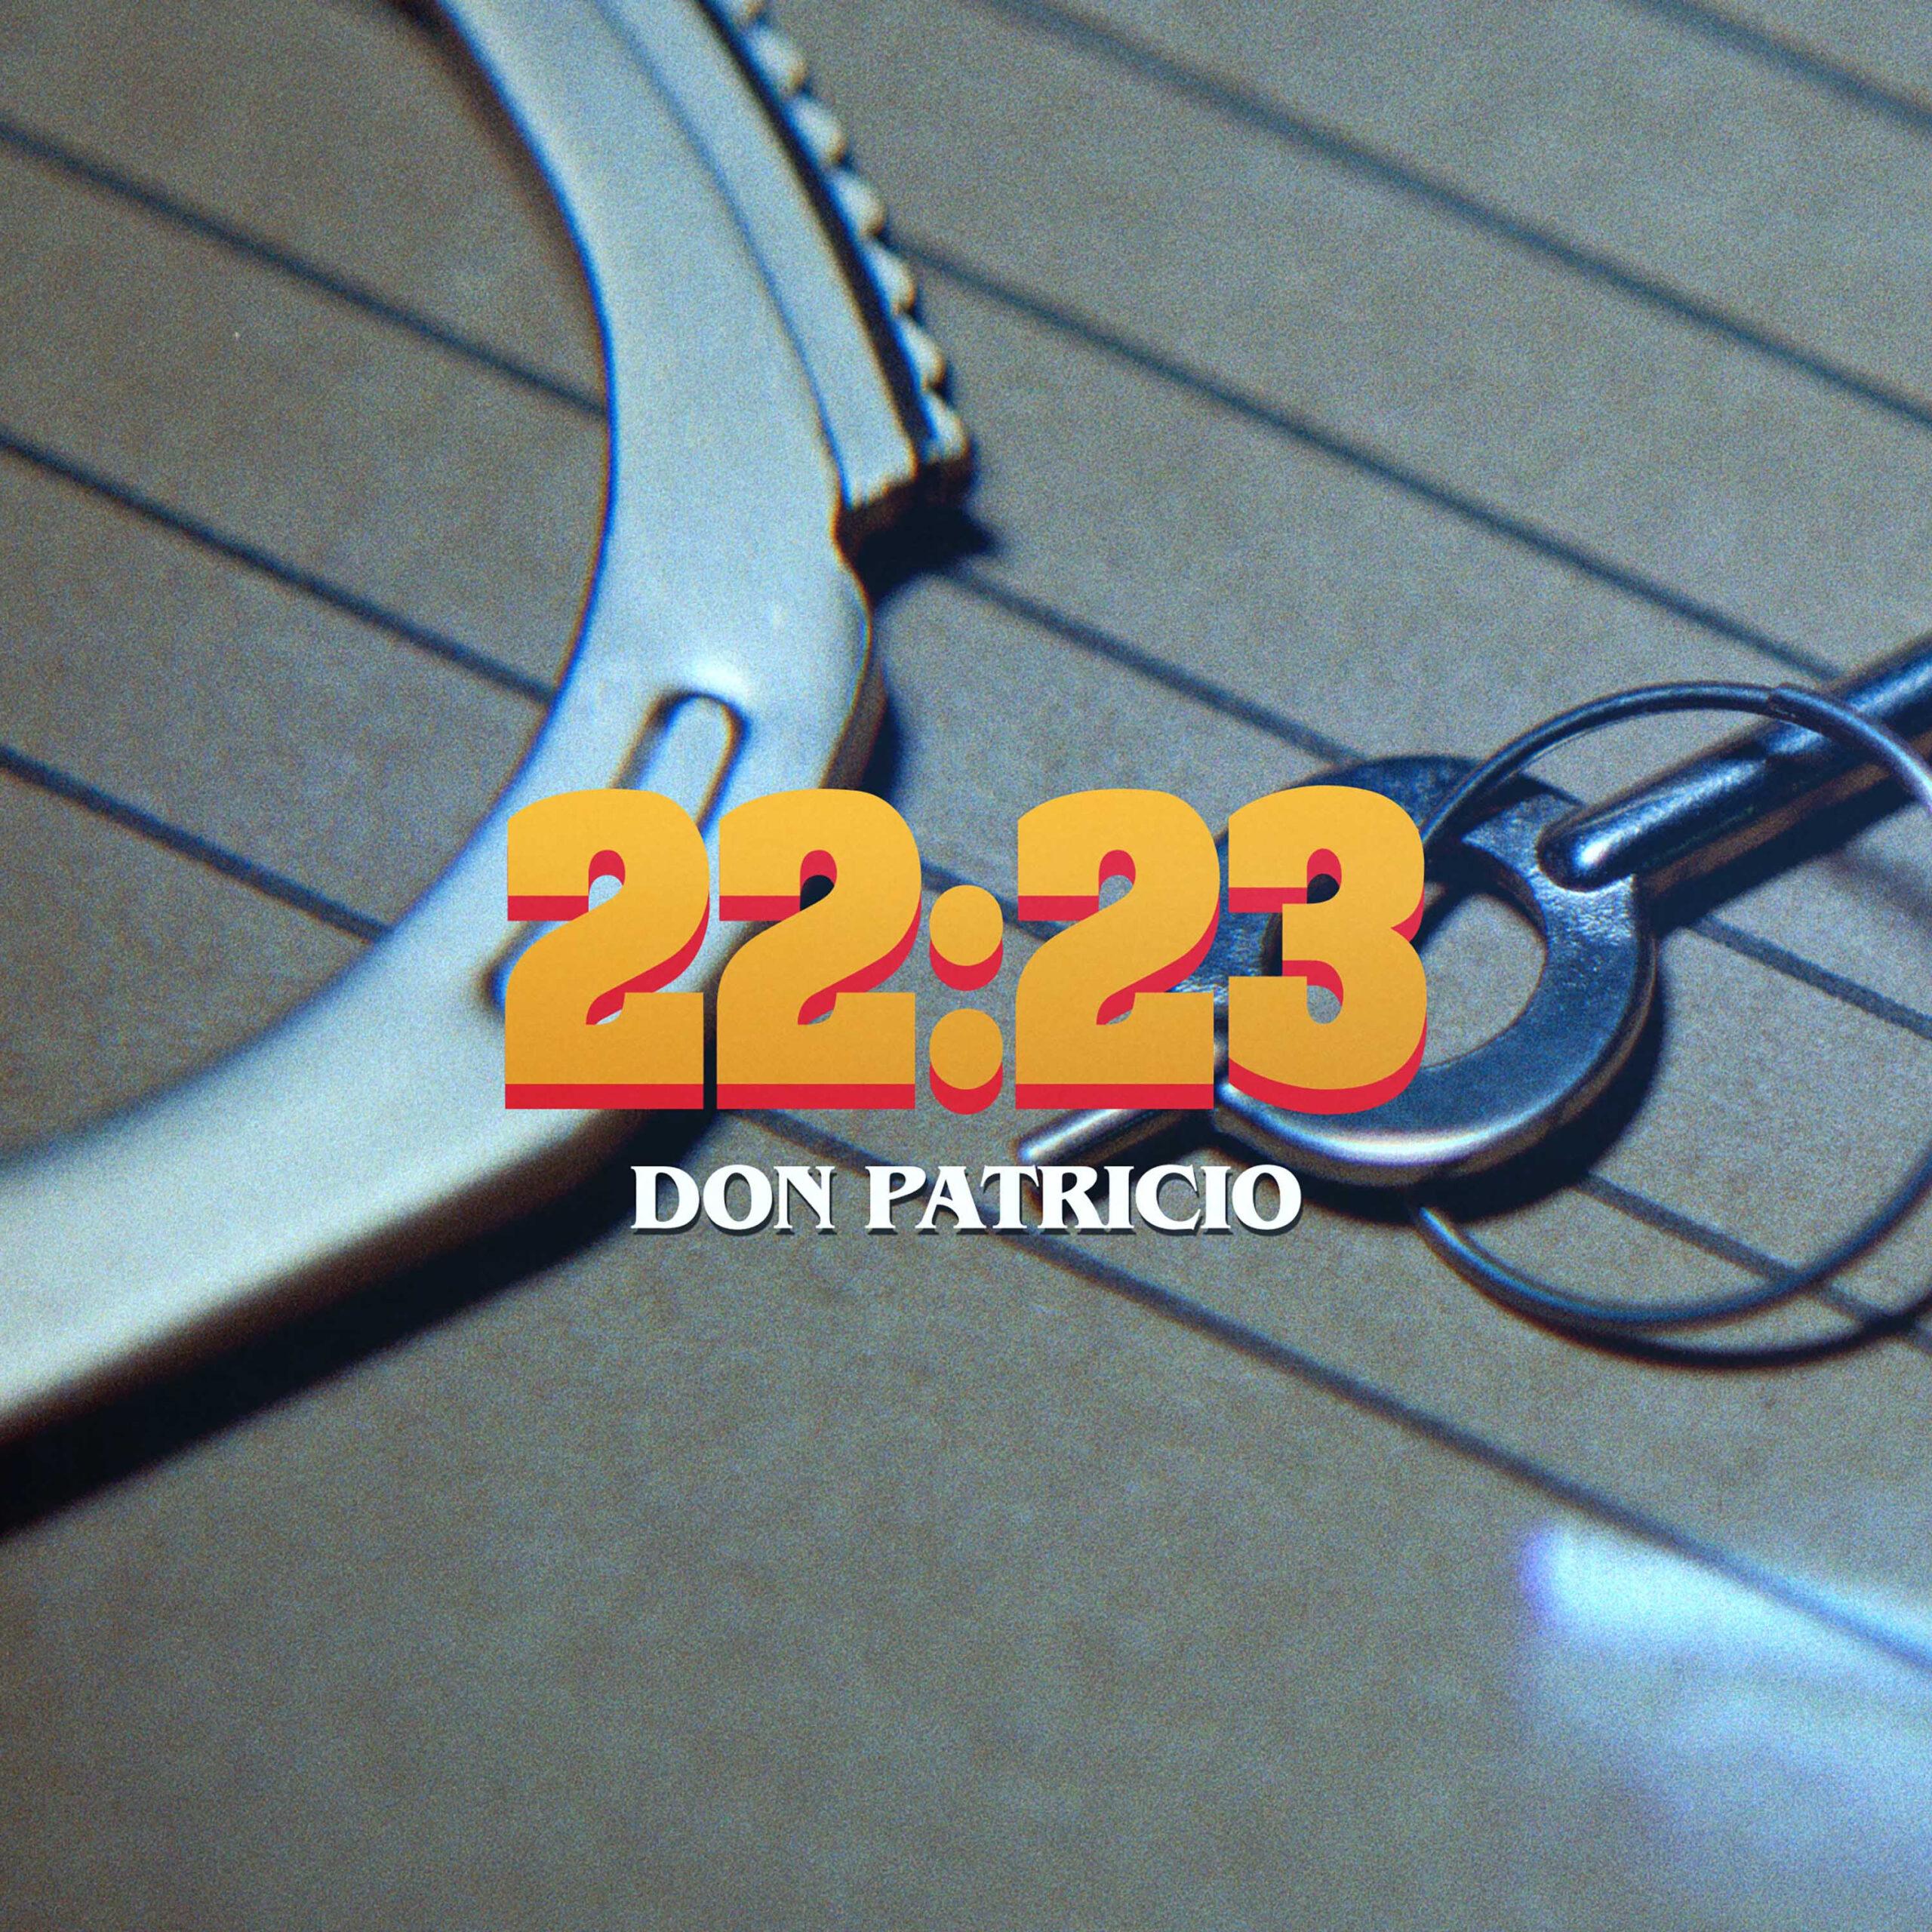 don-patricio